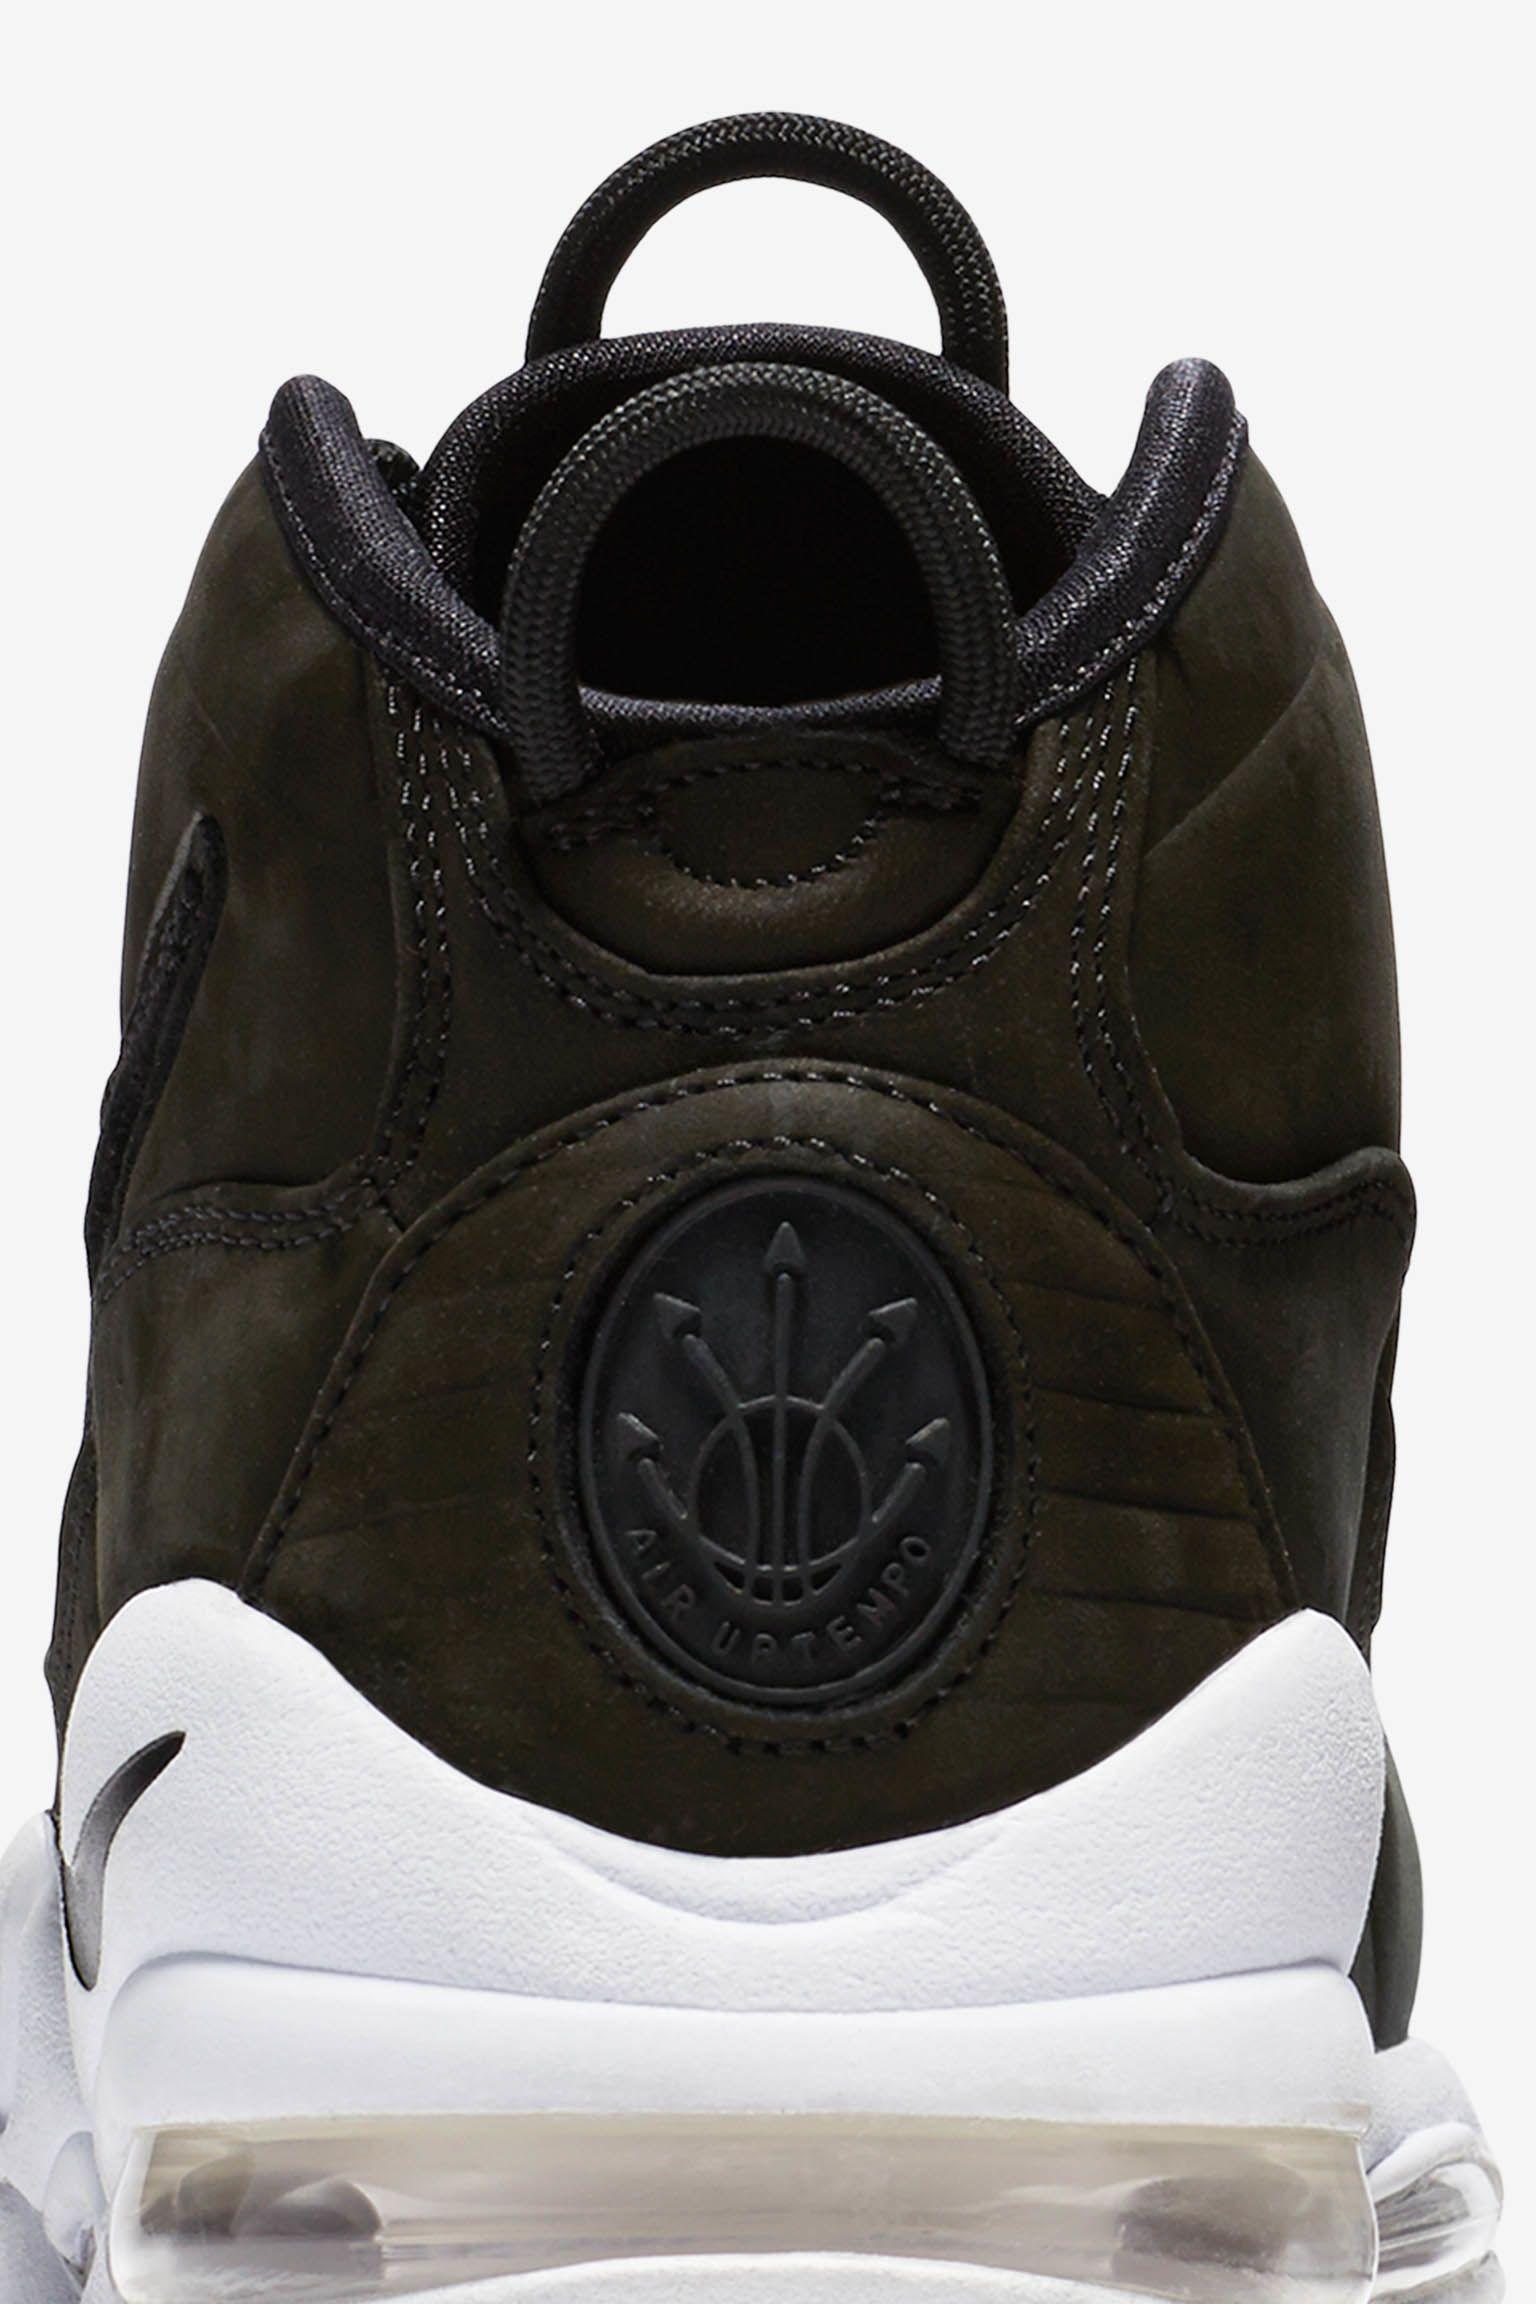 Nike Max Uptempo 'černá a bílá'